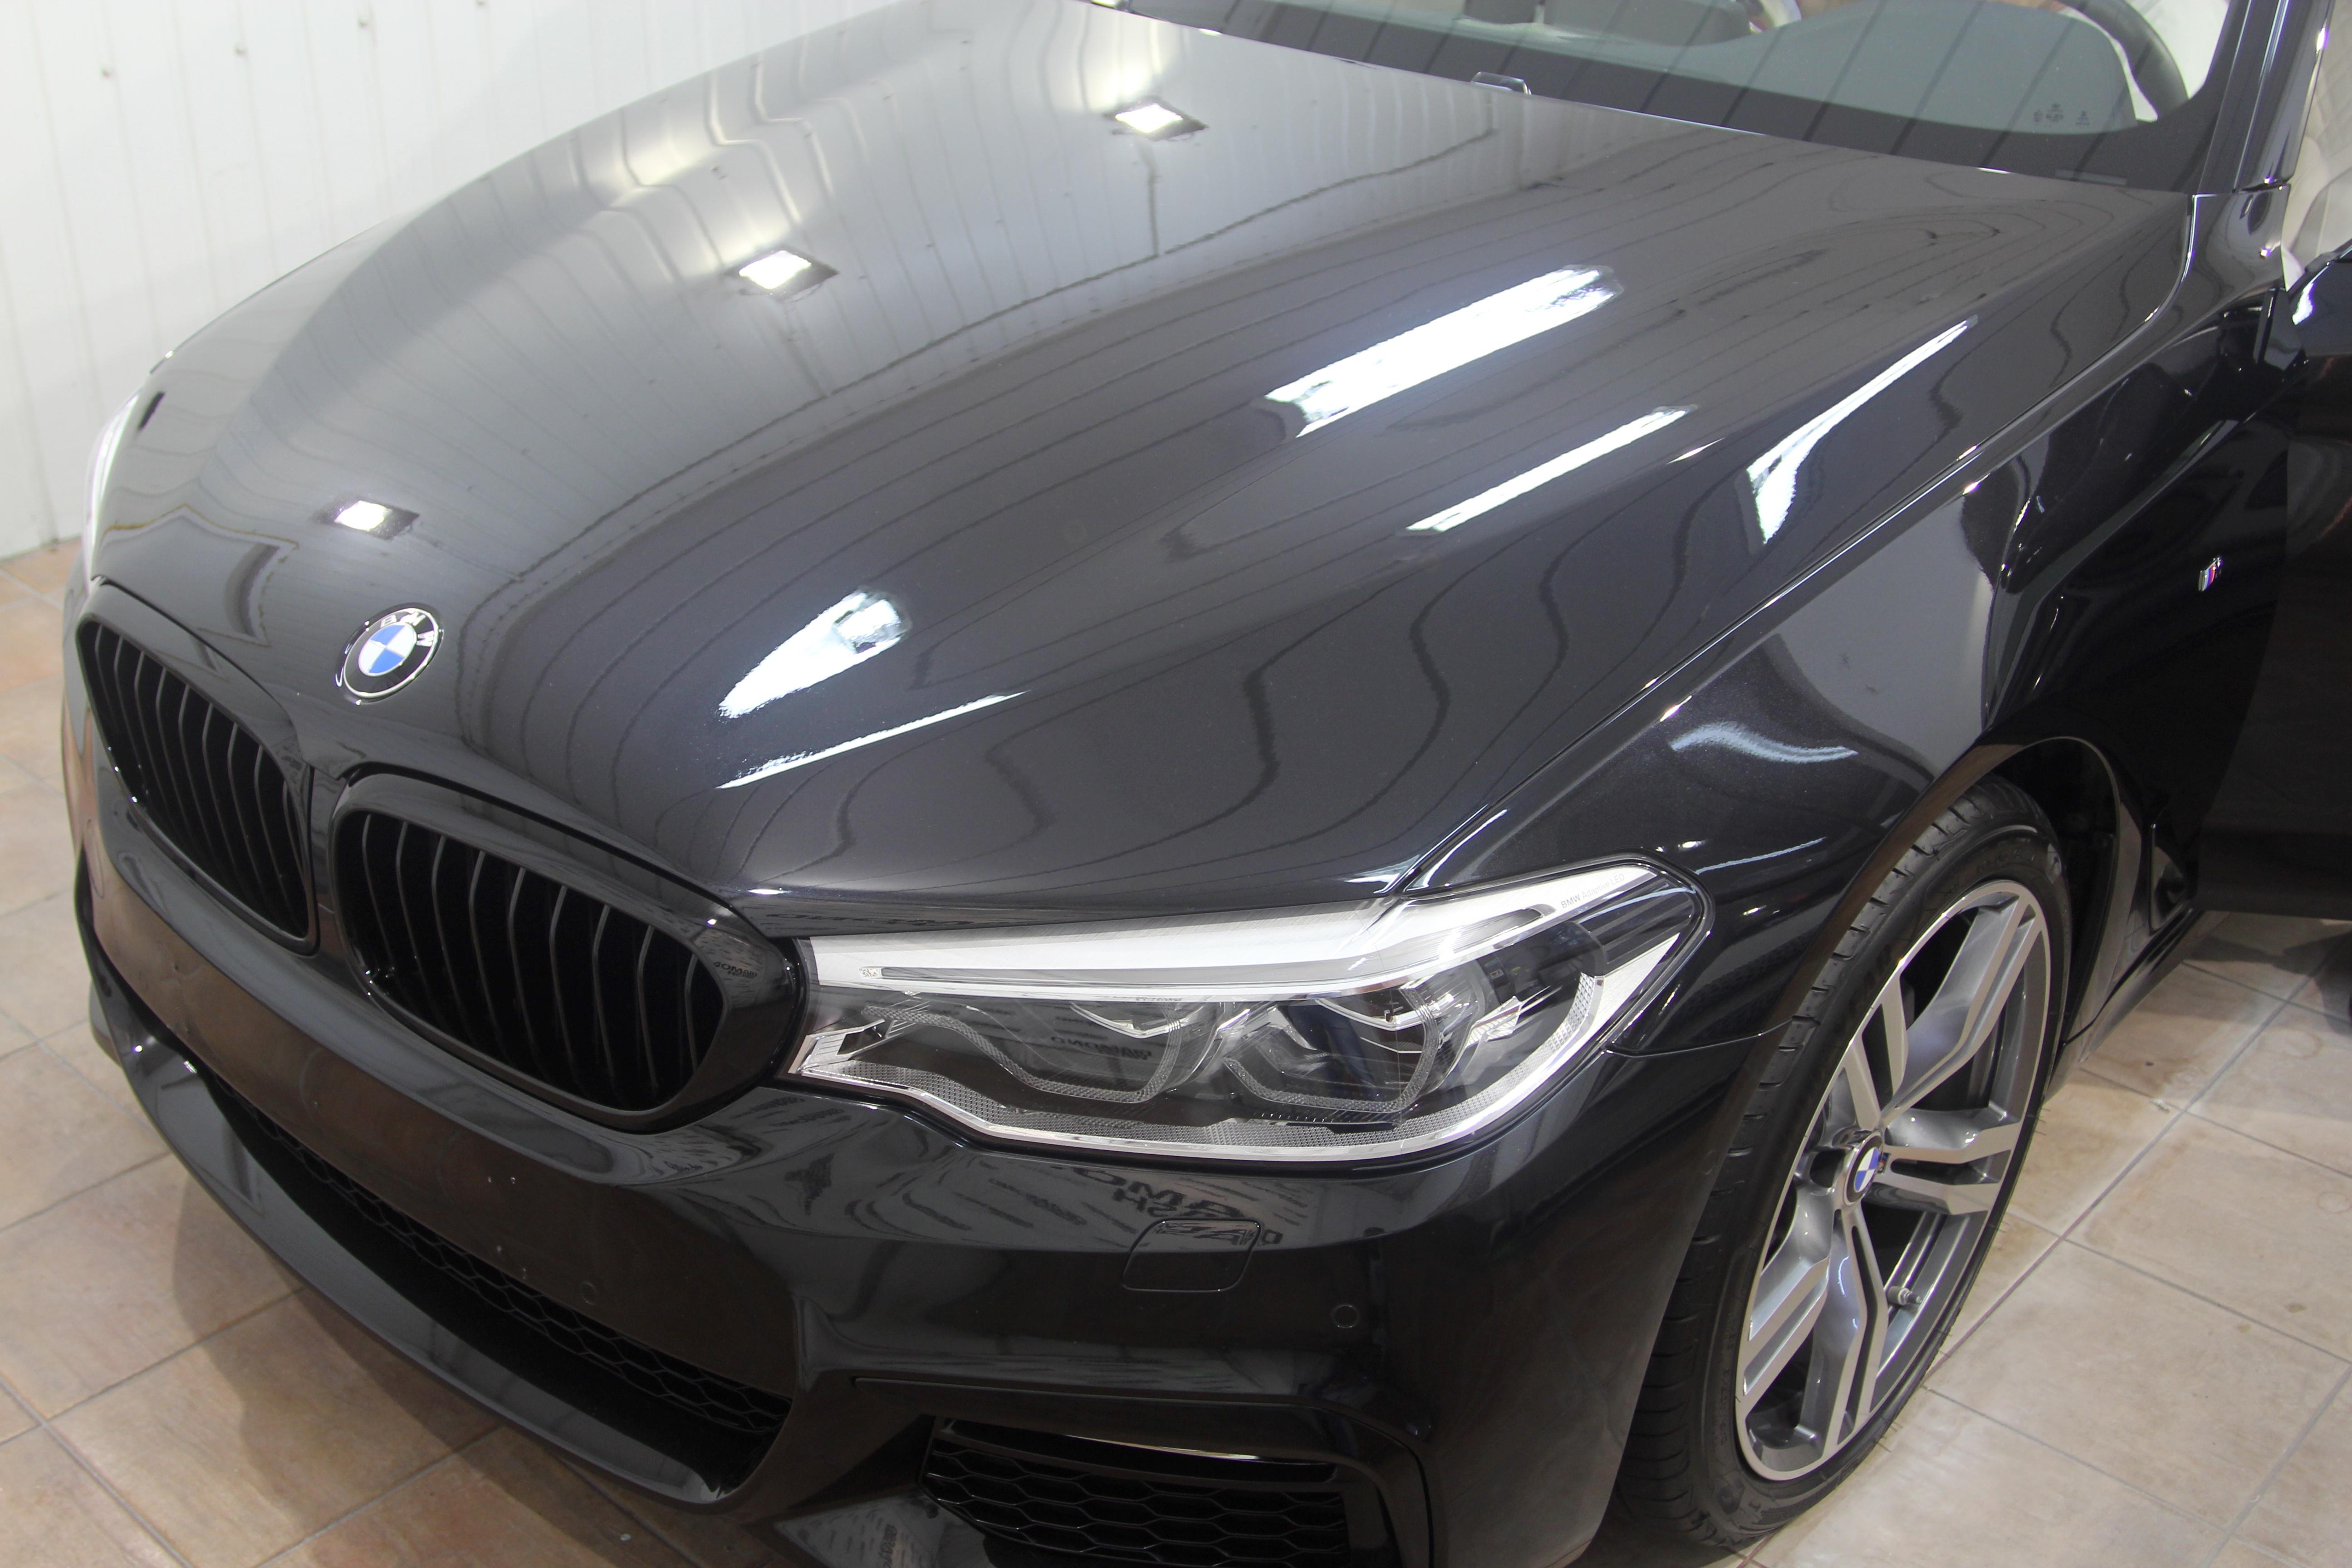 BMW 5 G30 2017 full